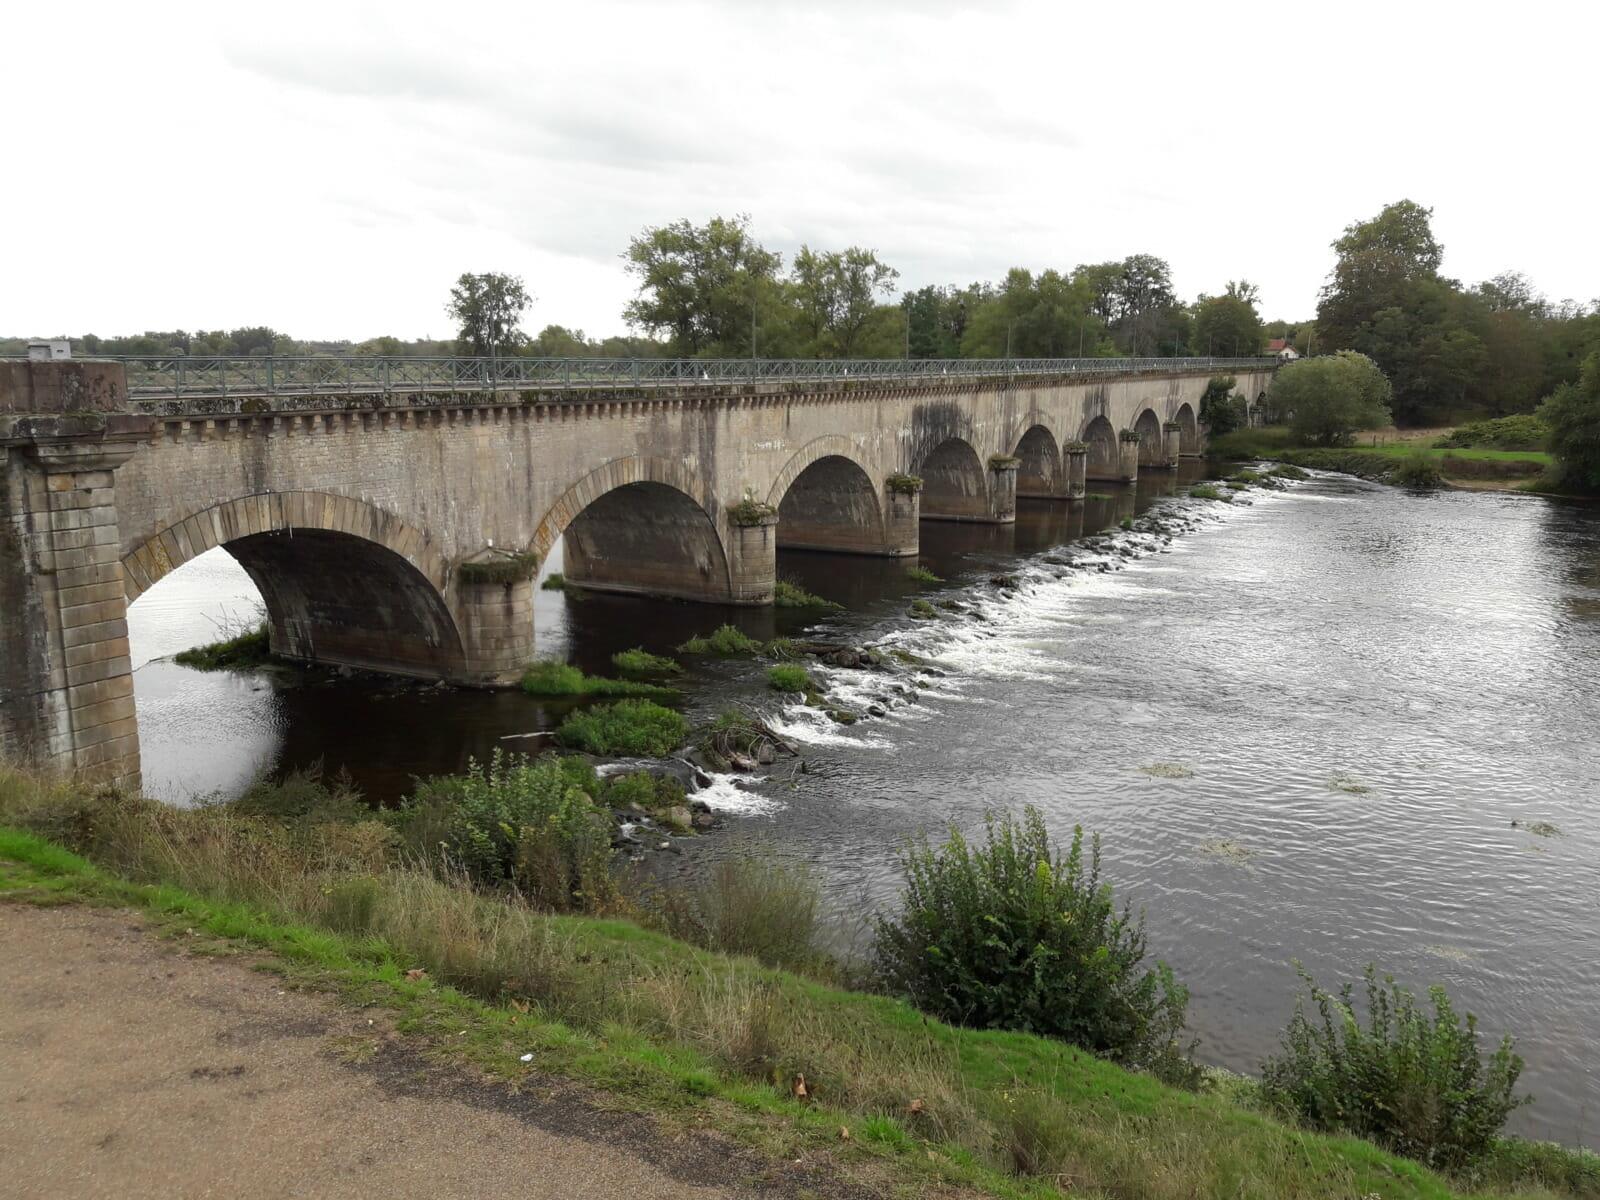 Aqueduct over a river